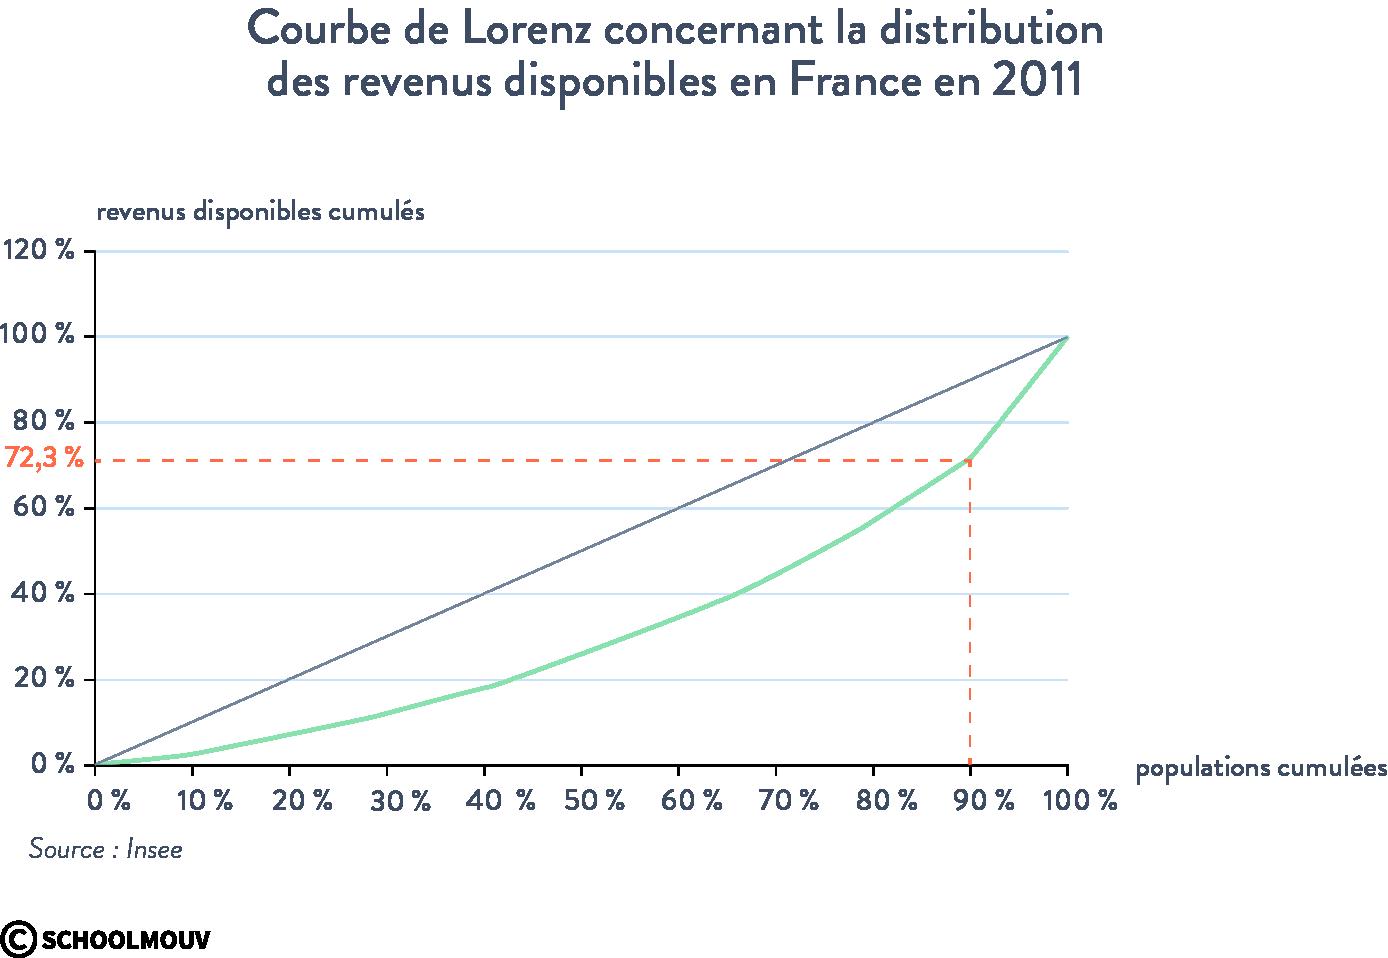 Courbe de Lorenz distribution des revenus disponibles en France 2011